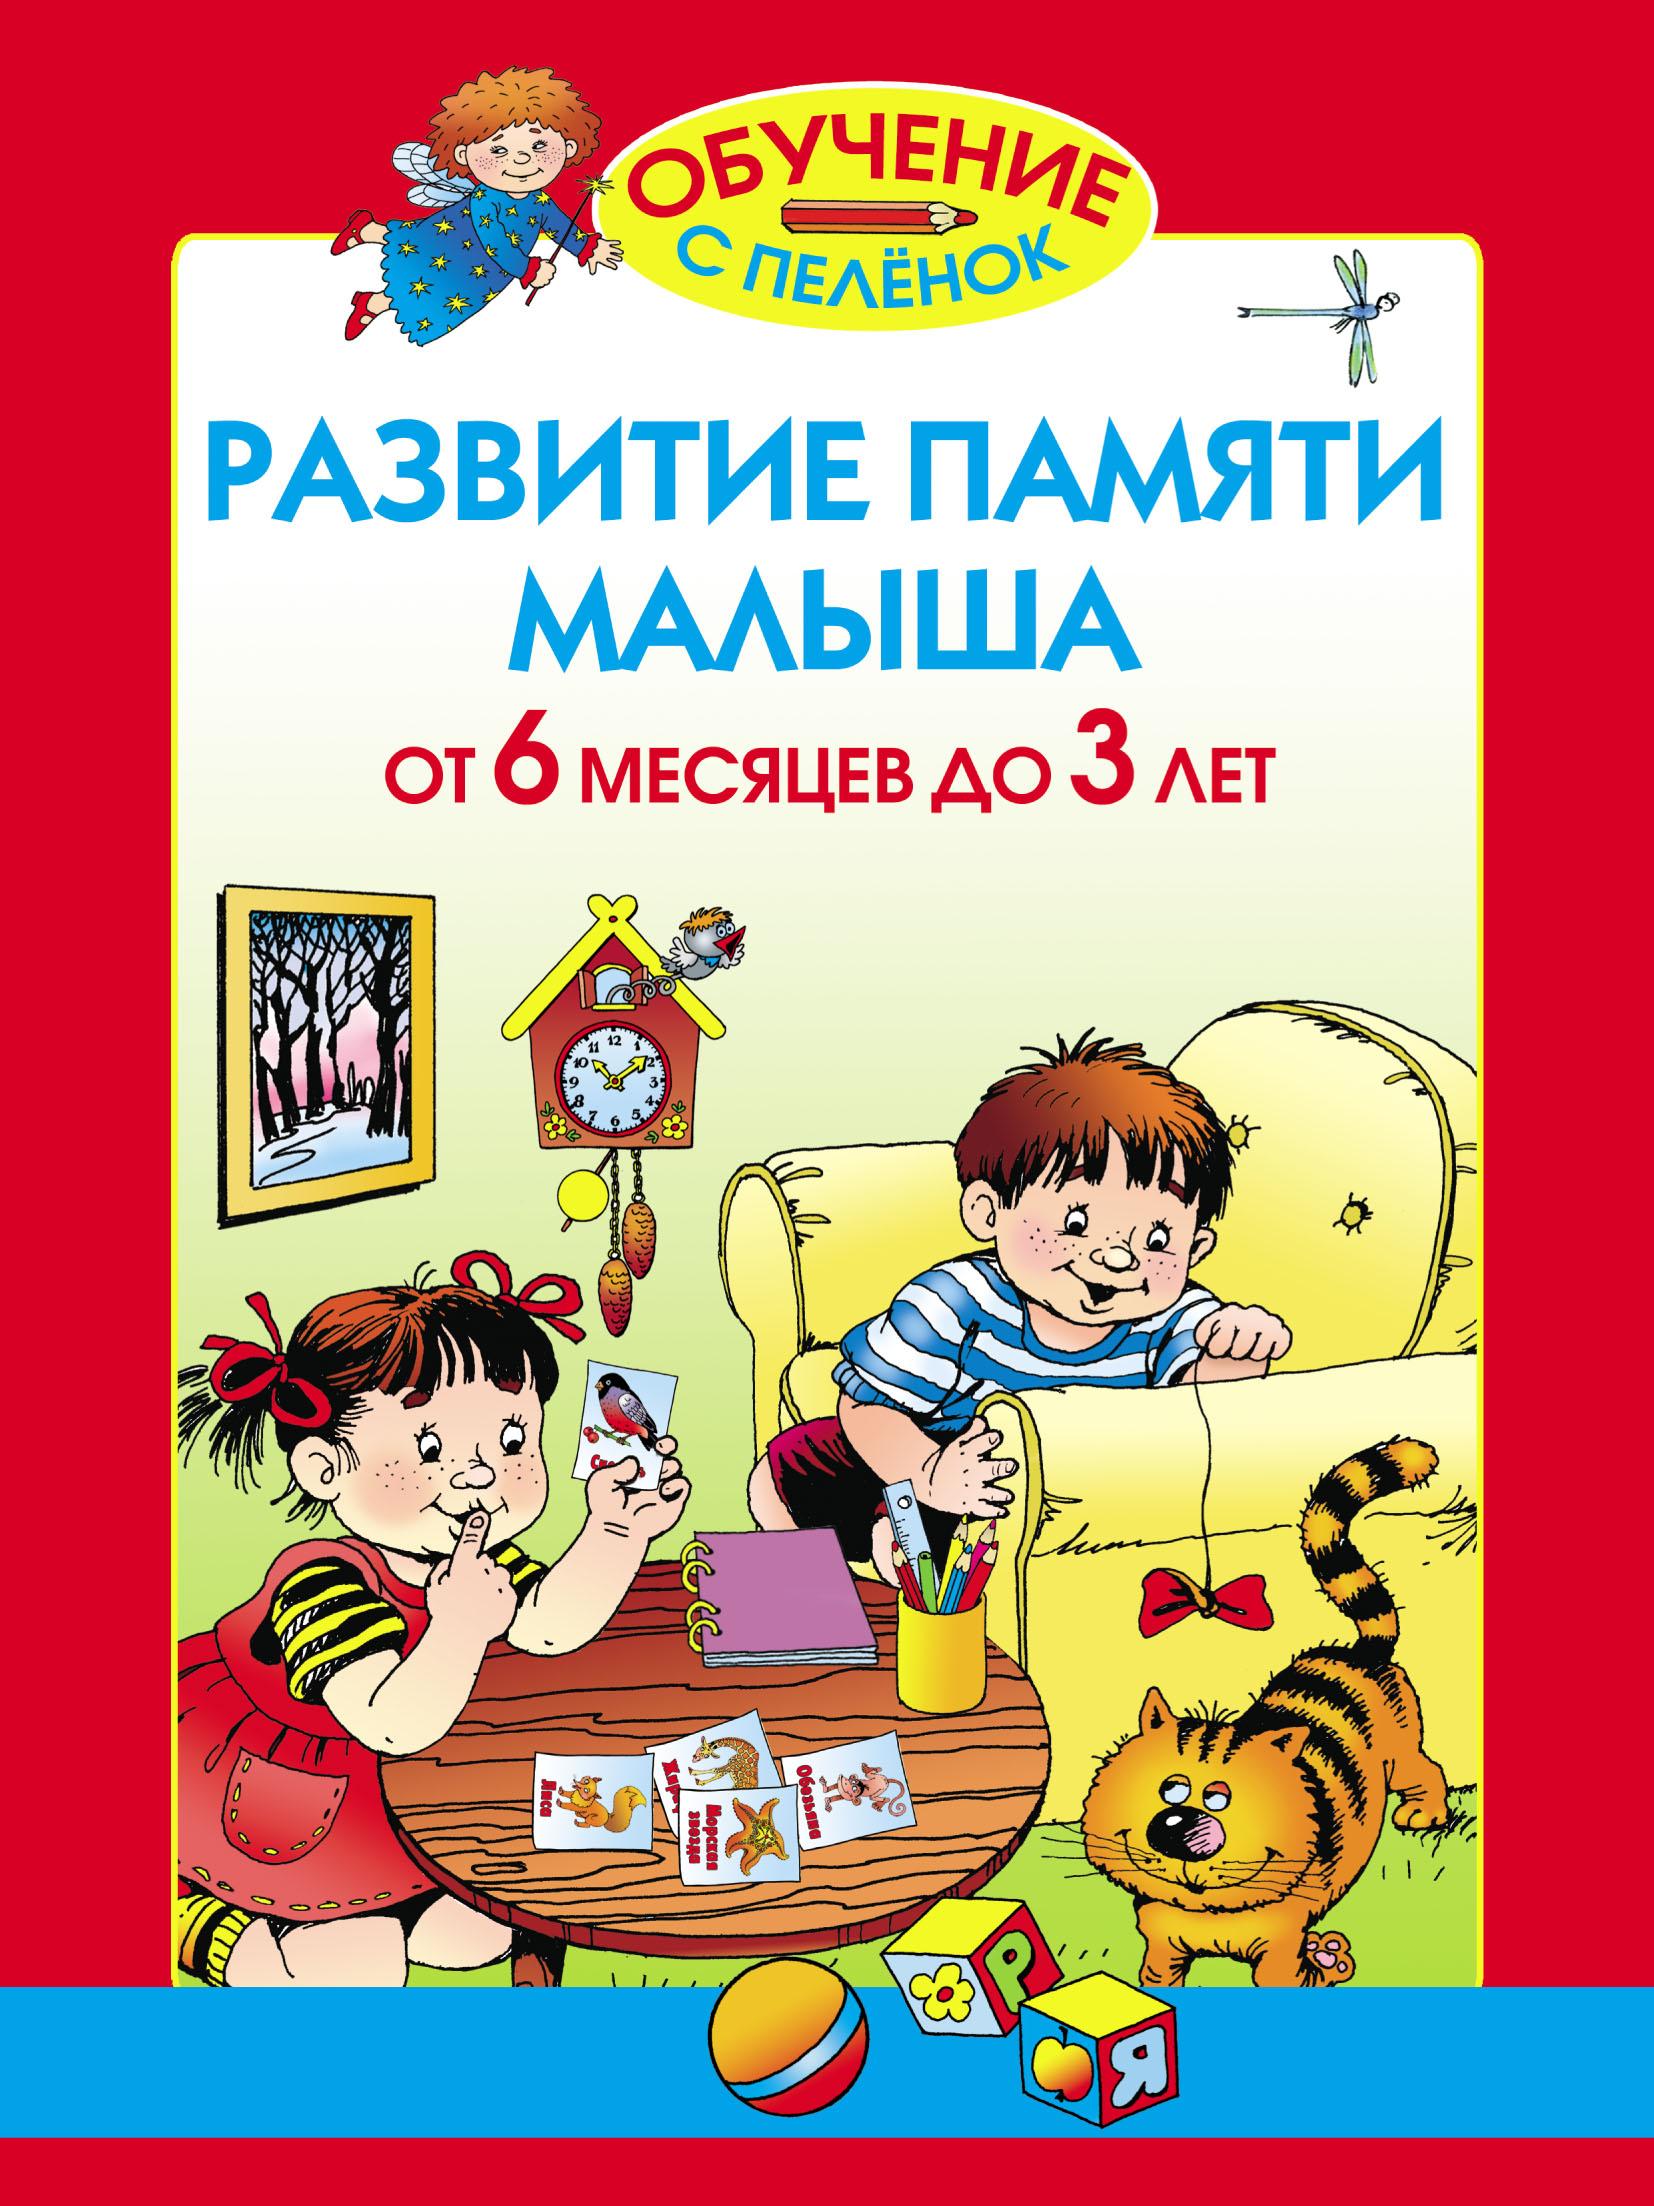 Олеся Жукова Развитие памяти малыша. От 6 месяцев до 3 лет жукова о первый учебник малыша от 6 месяцев до 3 лет isbn 9785271392252